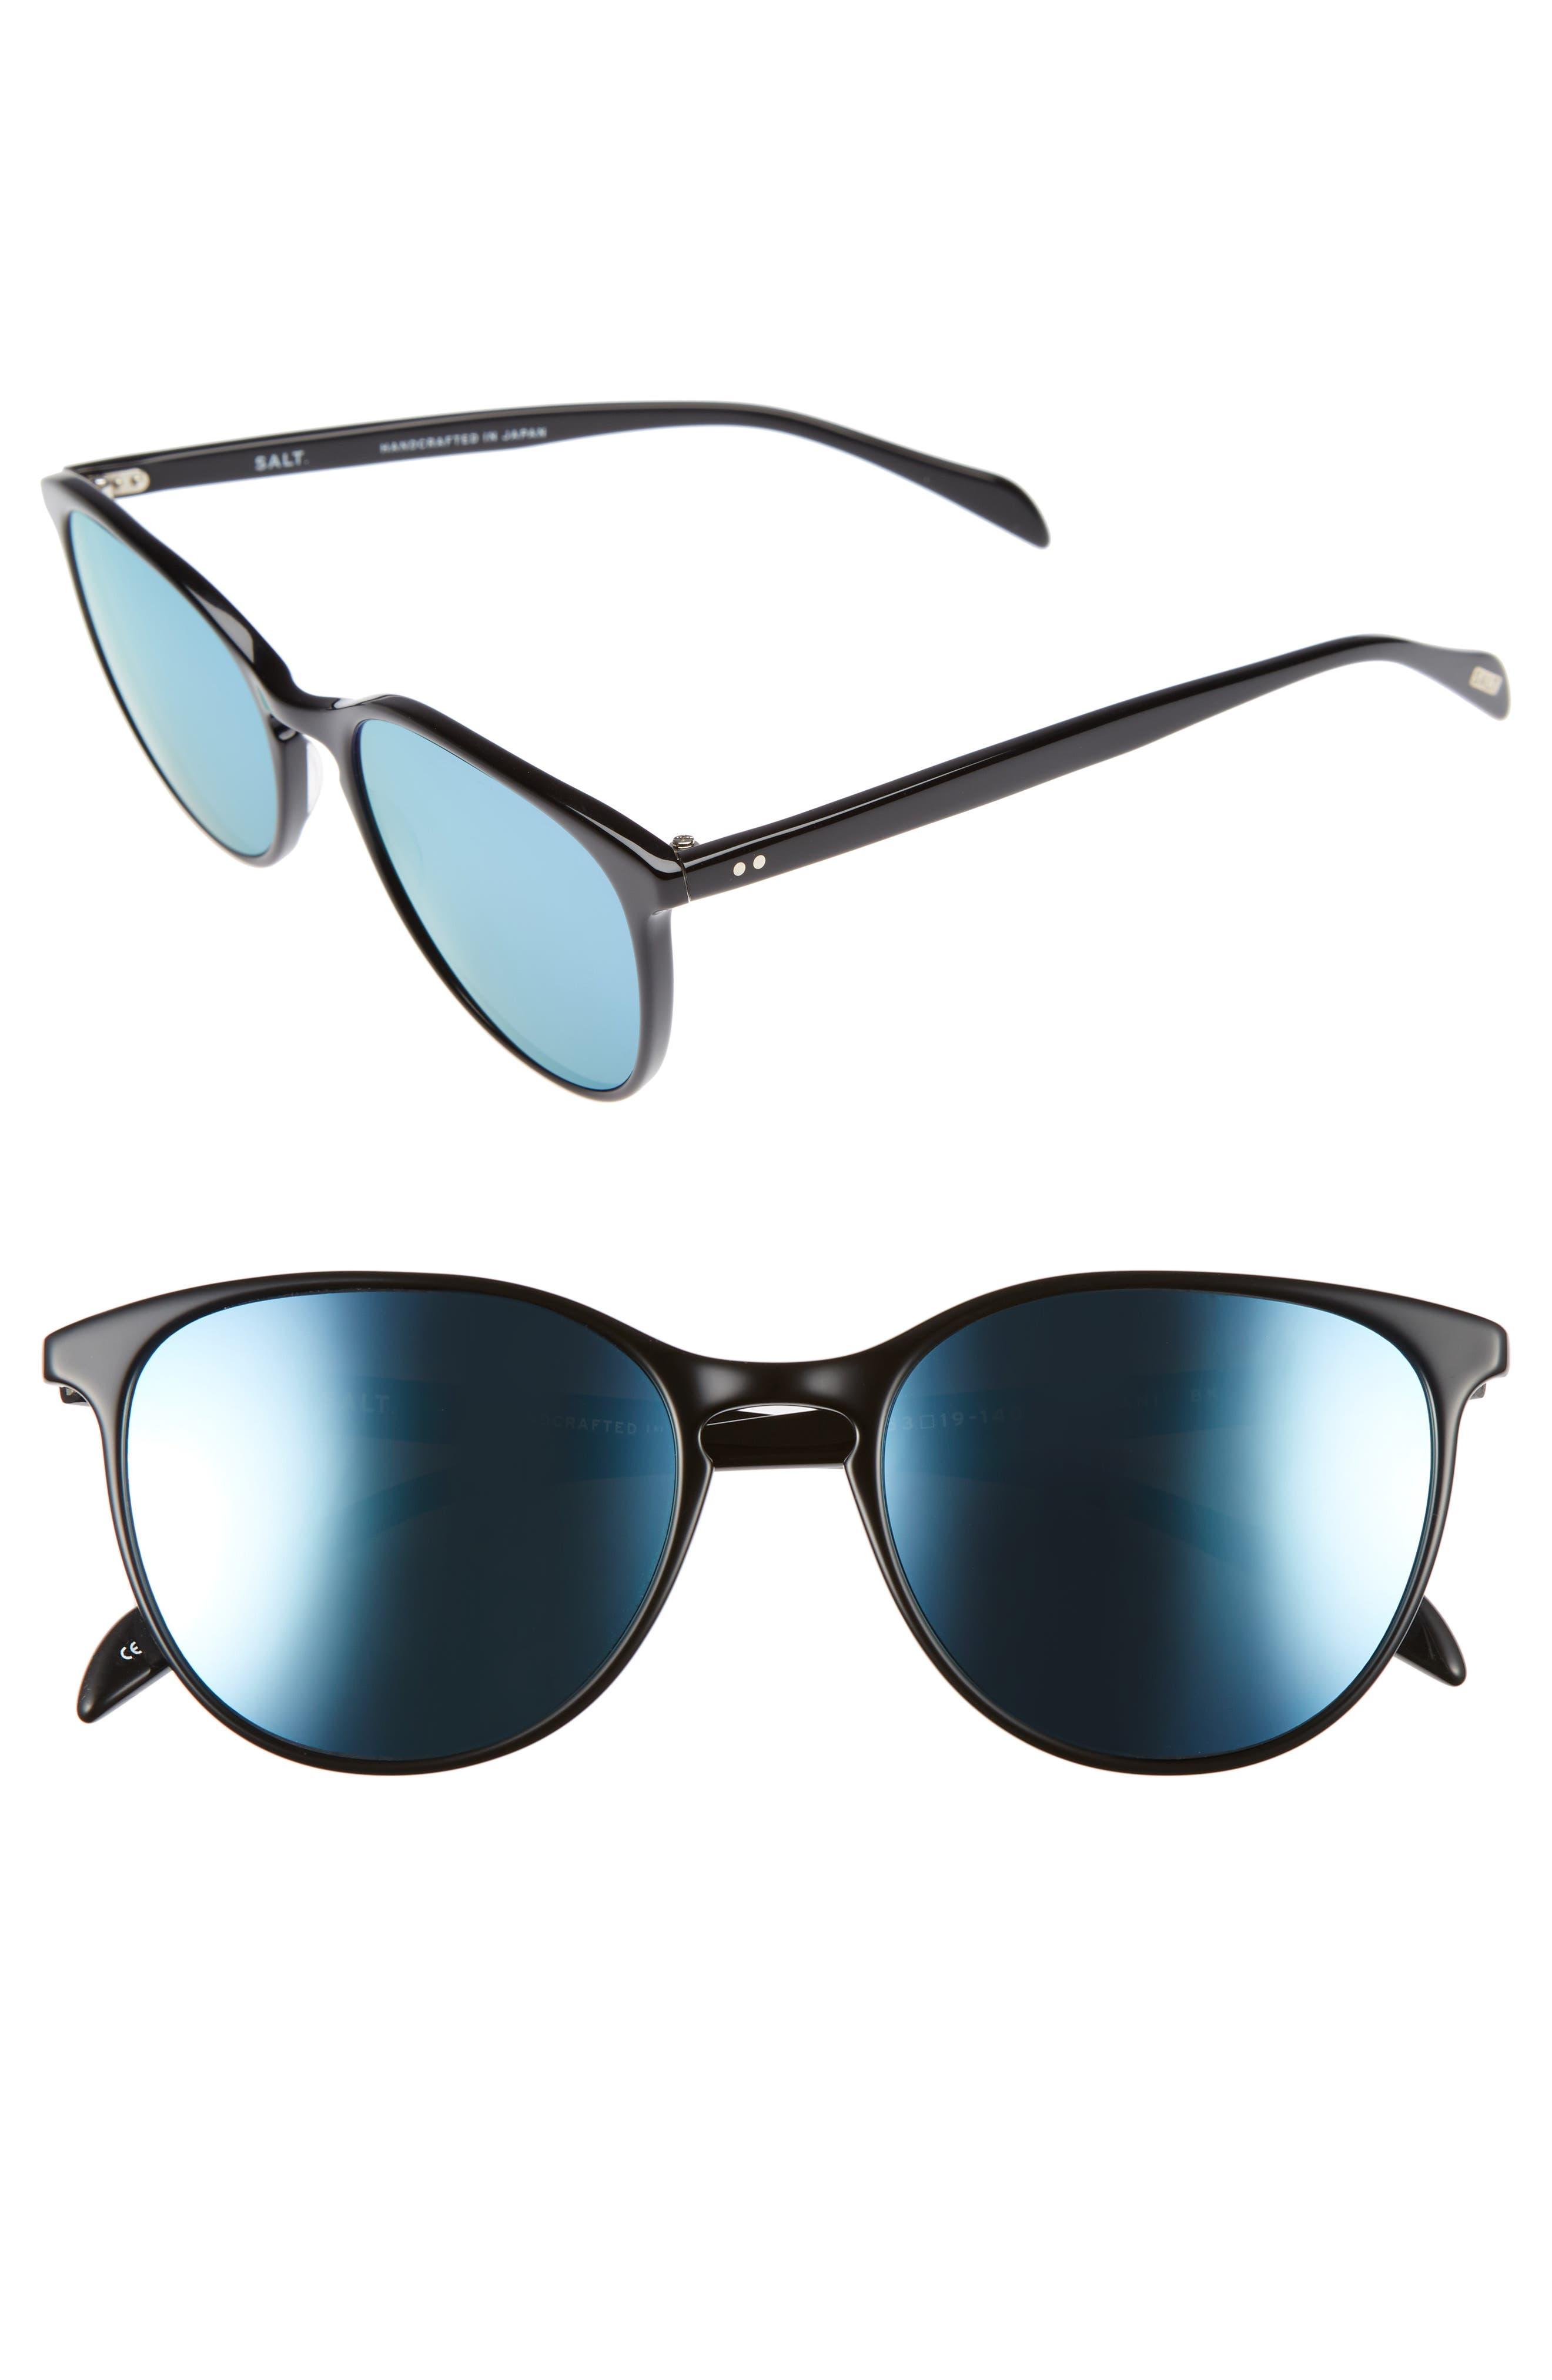 Kiani 53mm Polarized Retro Sunglasses,                         Main,                         color, 001